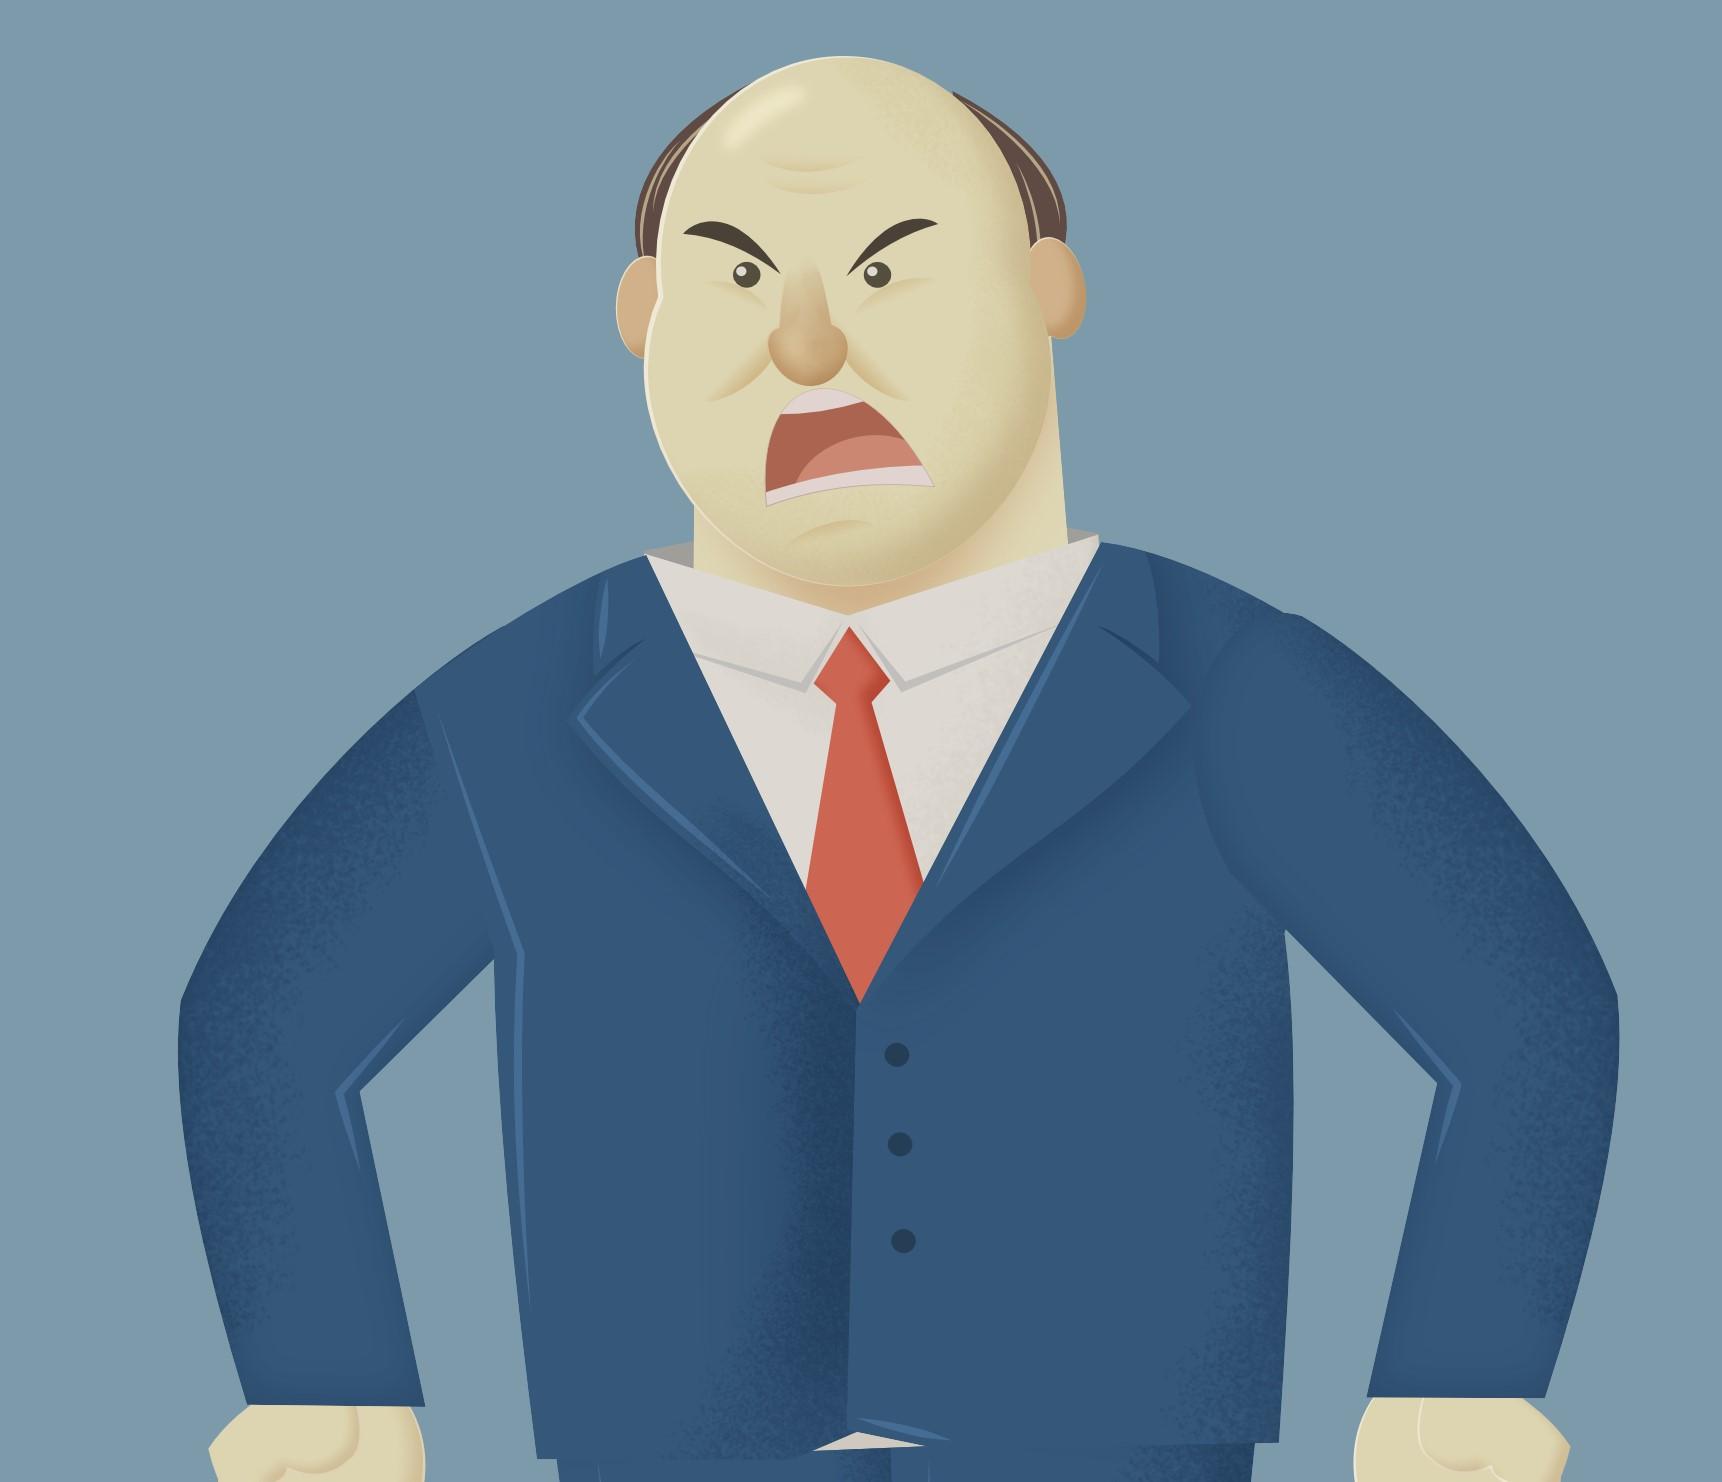 character design_principal angry.jpg